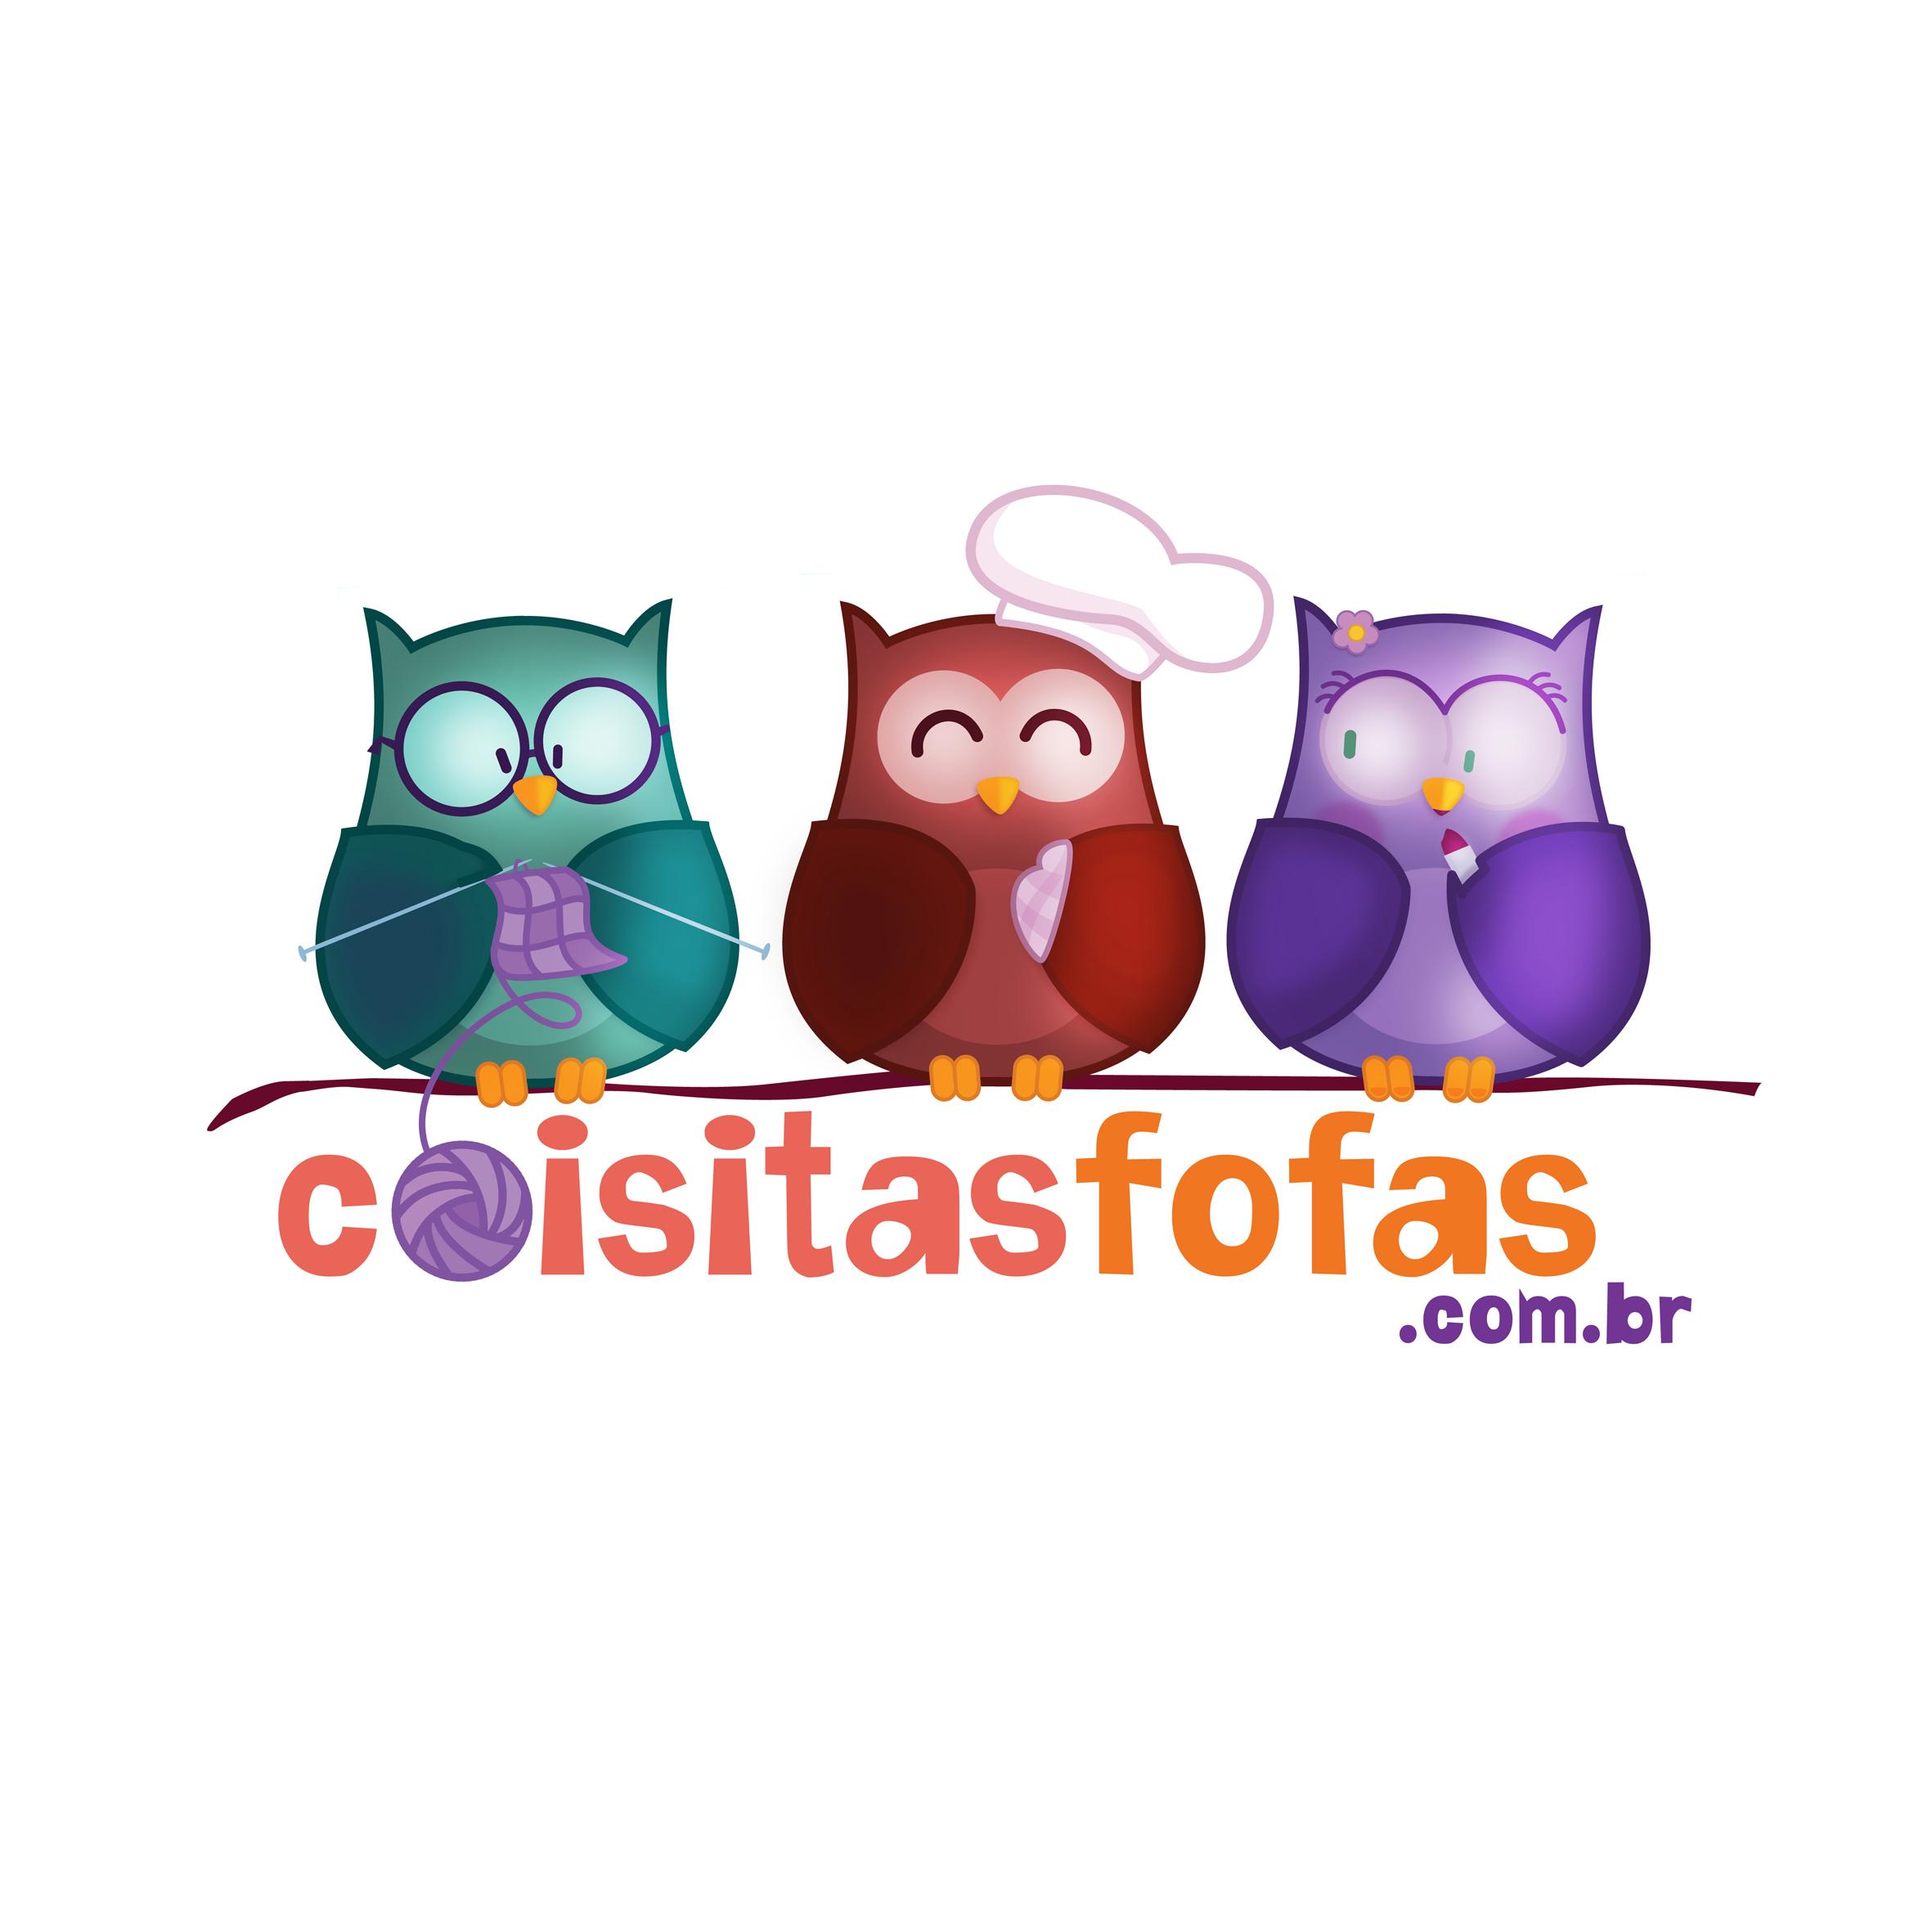 Coisitas Fofas - site